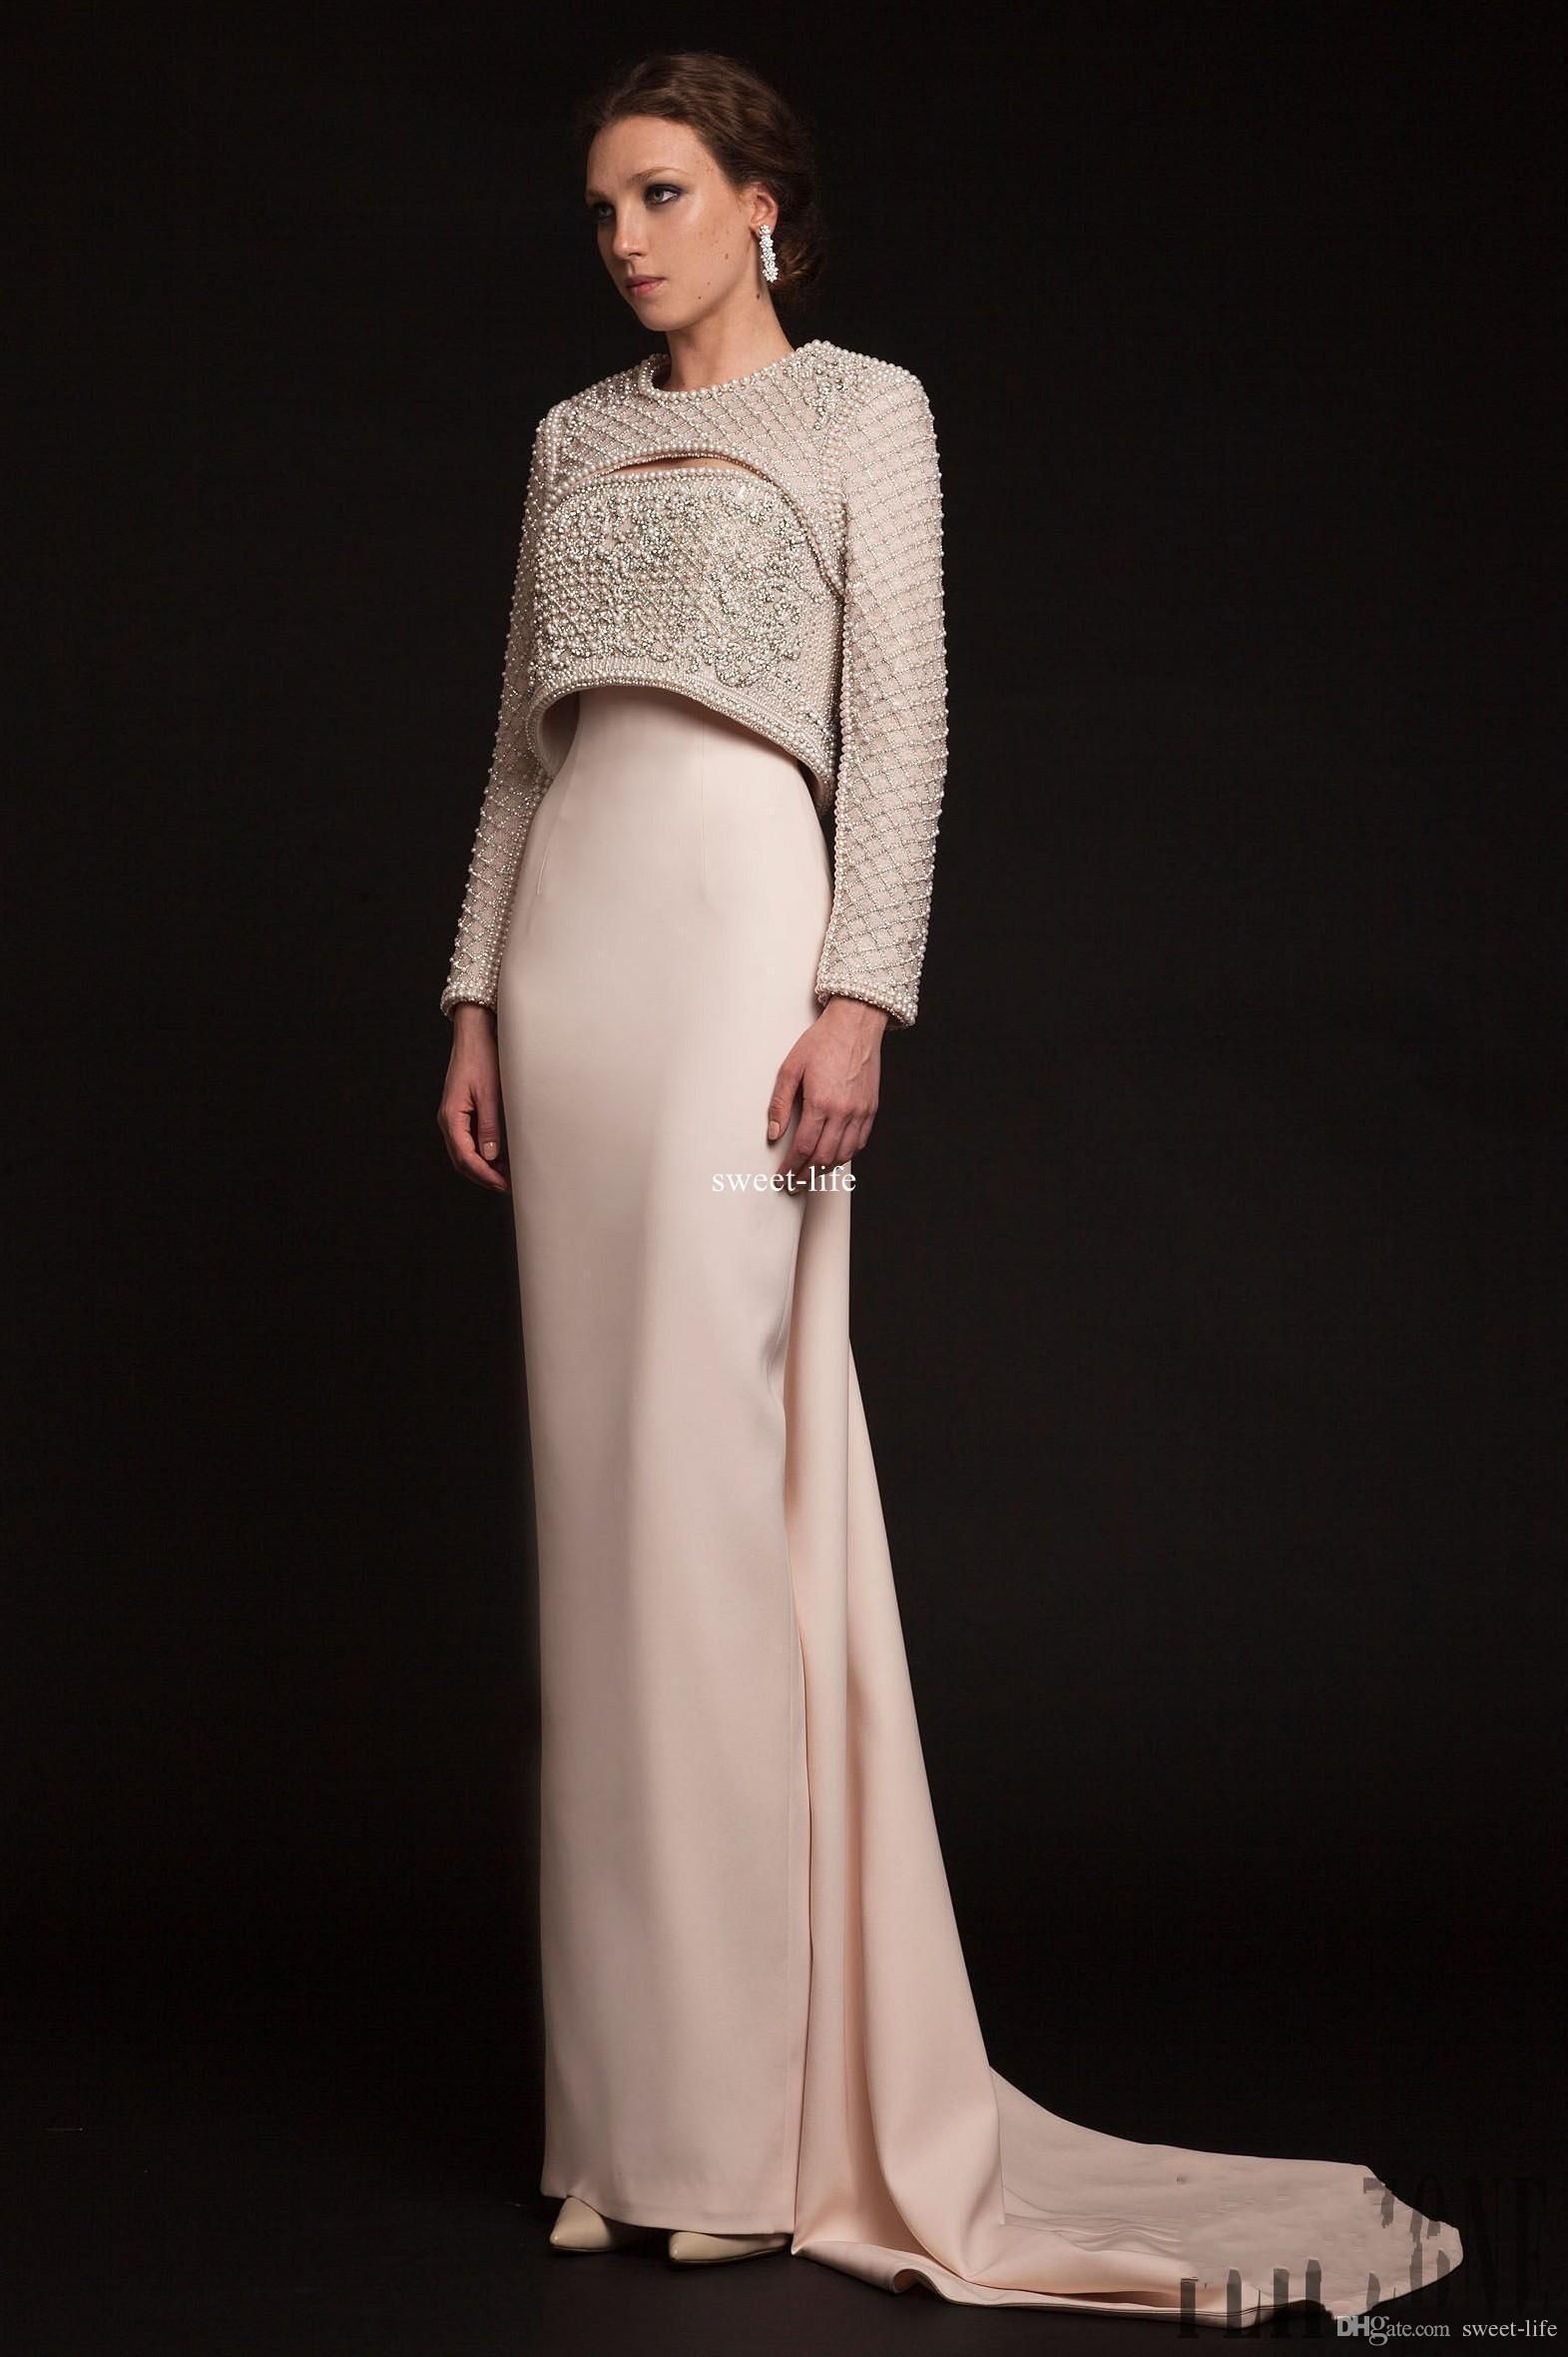 Großhandel Krikor Jabotian 11 Luxus Lange Perlen Abendkleider Elegante  Jacke Mit Langen Ärmeln Perlen Kragen Schlüsselloch Hals Neueste Promi Prom